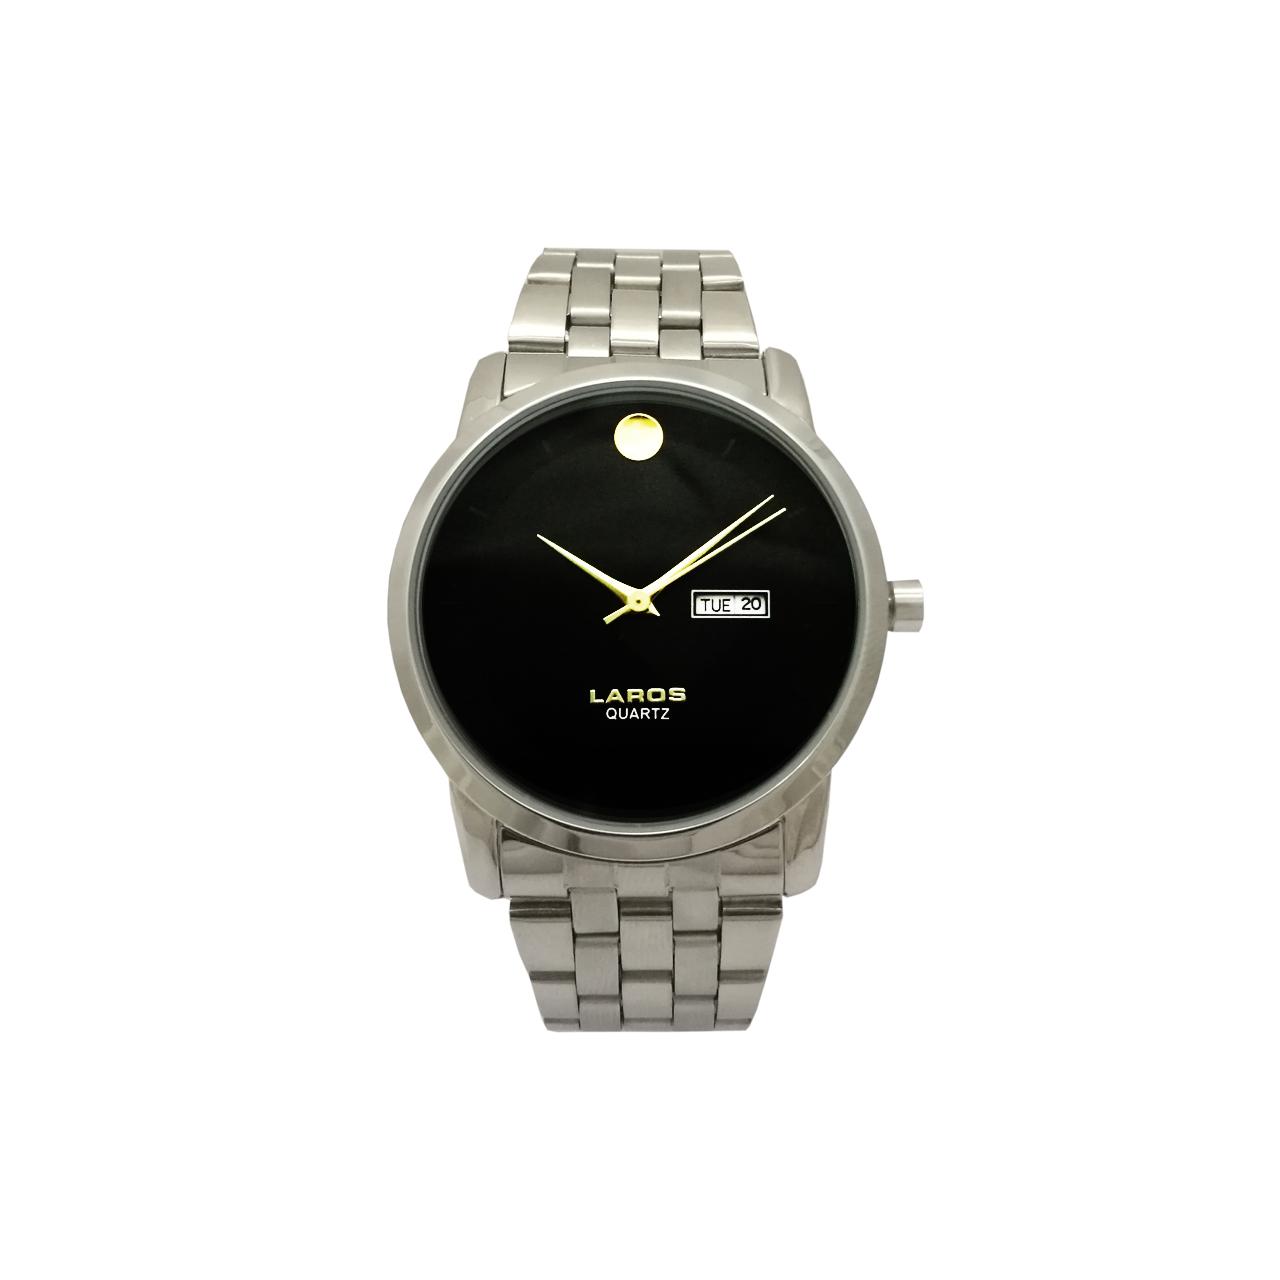 ساعت مچی عقربه ای مردانه لاروس مدل 0817-79931-dd